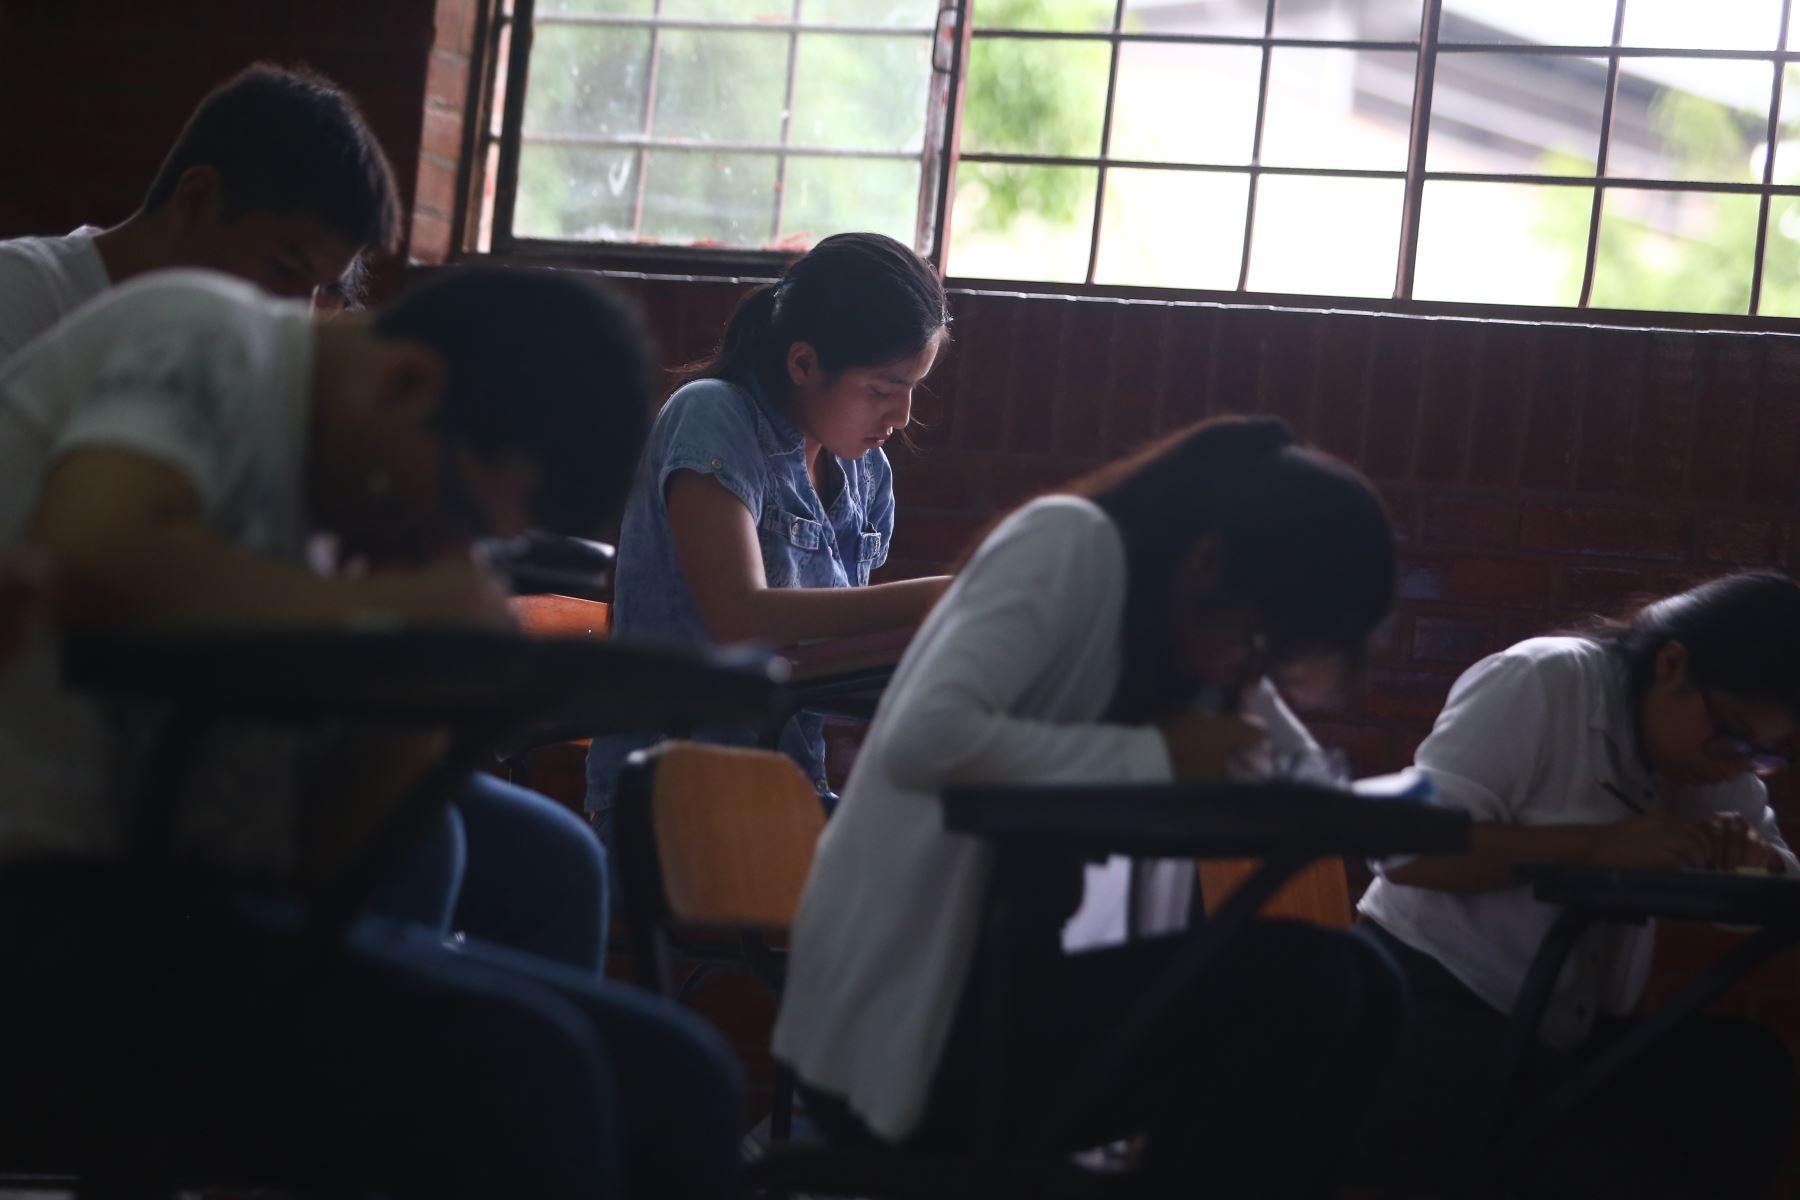 Postulantes rinden el examen de admisión de la Universidad Nacional de Ingeniería (UNI) con el objetivo de alcanzar una vacante que les permita iniciar su carrera universitaria. Foto: ANDINA / Jhonel Rodríguez Robles